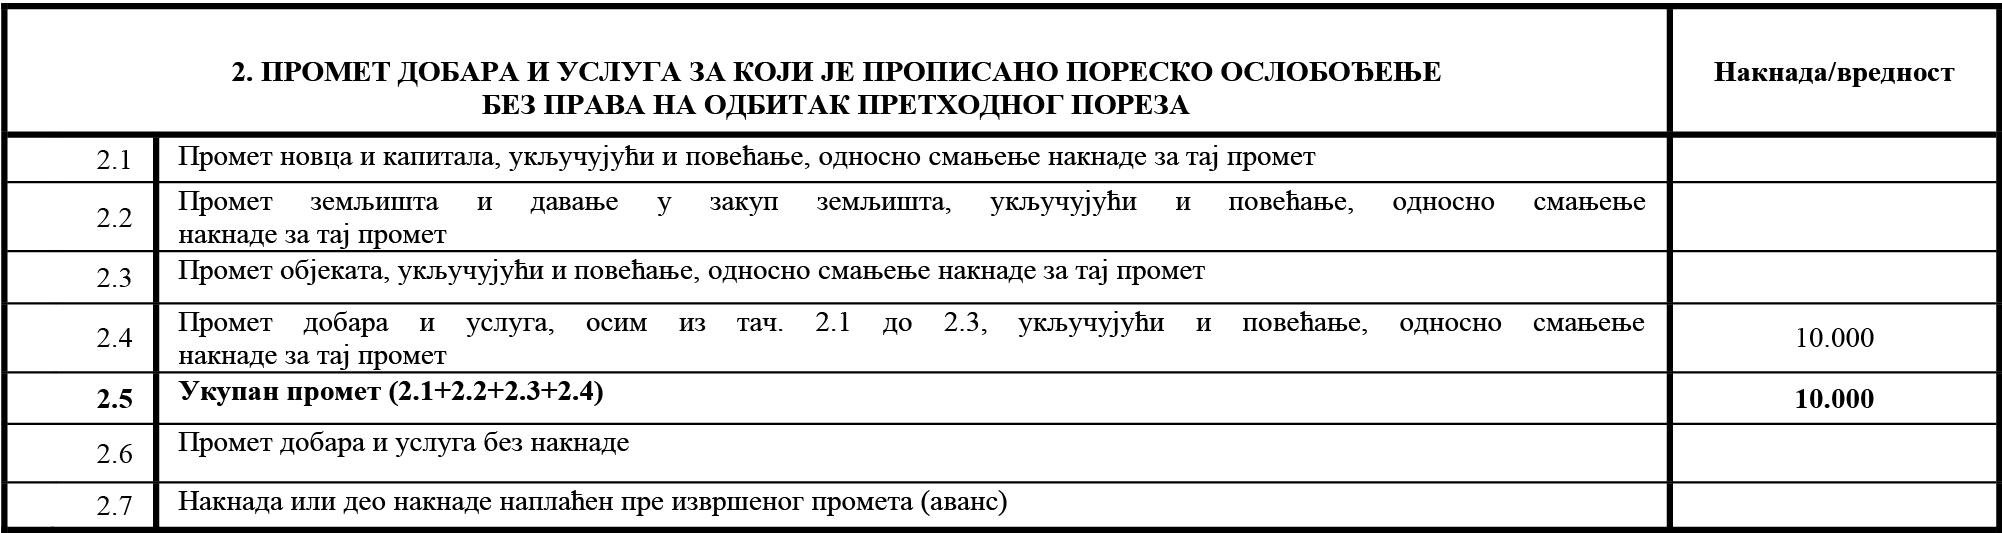 uputstvo PU obrazac POPDV primer 43